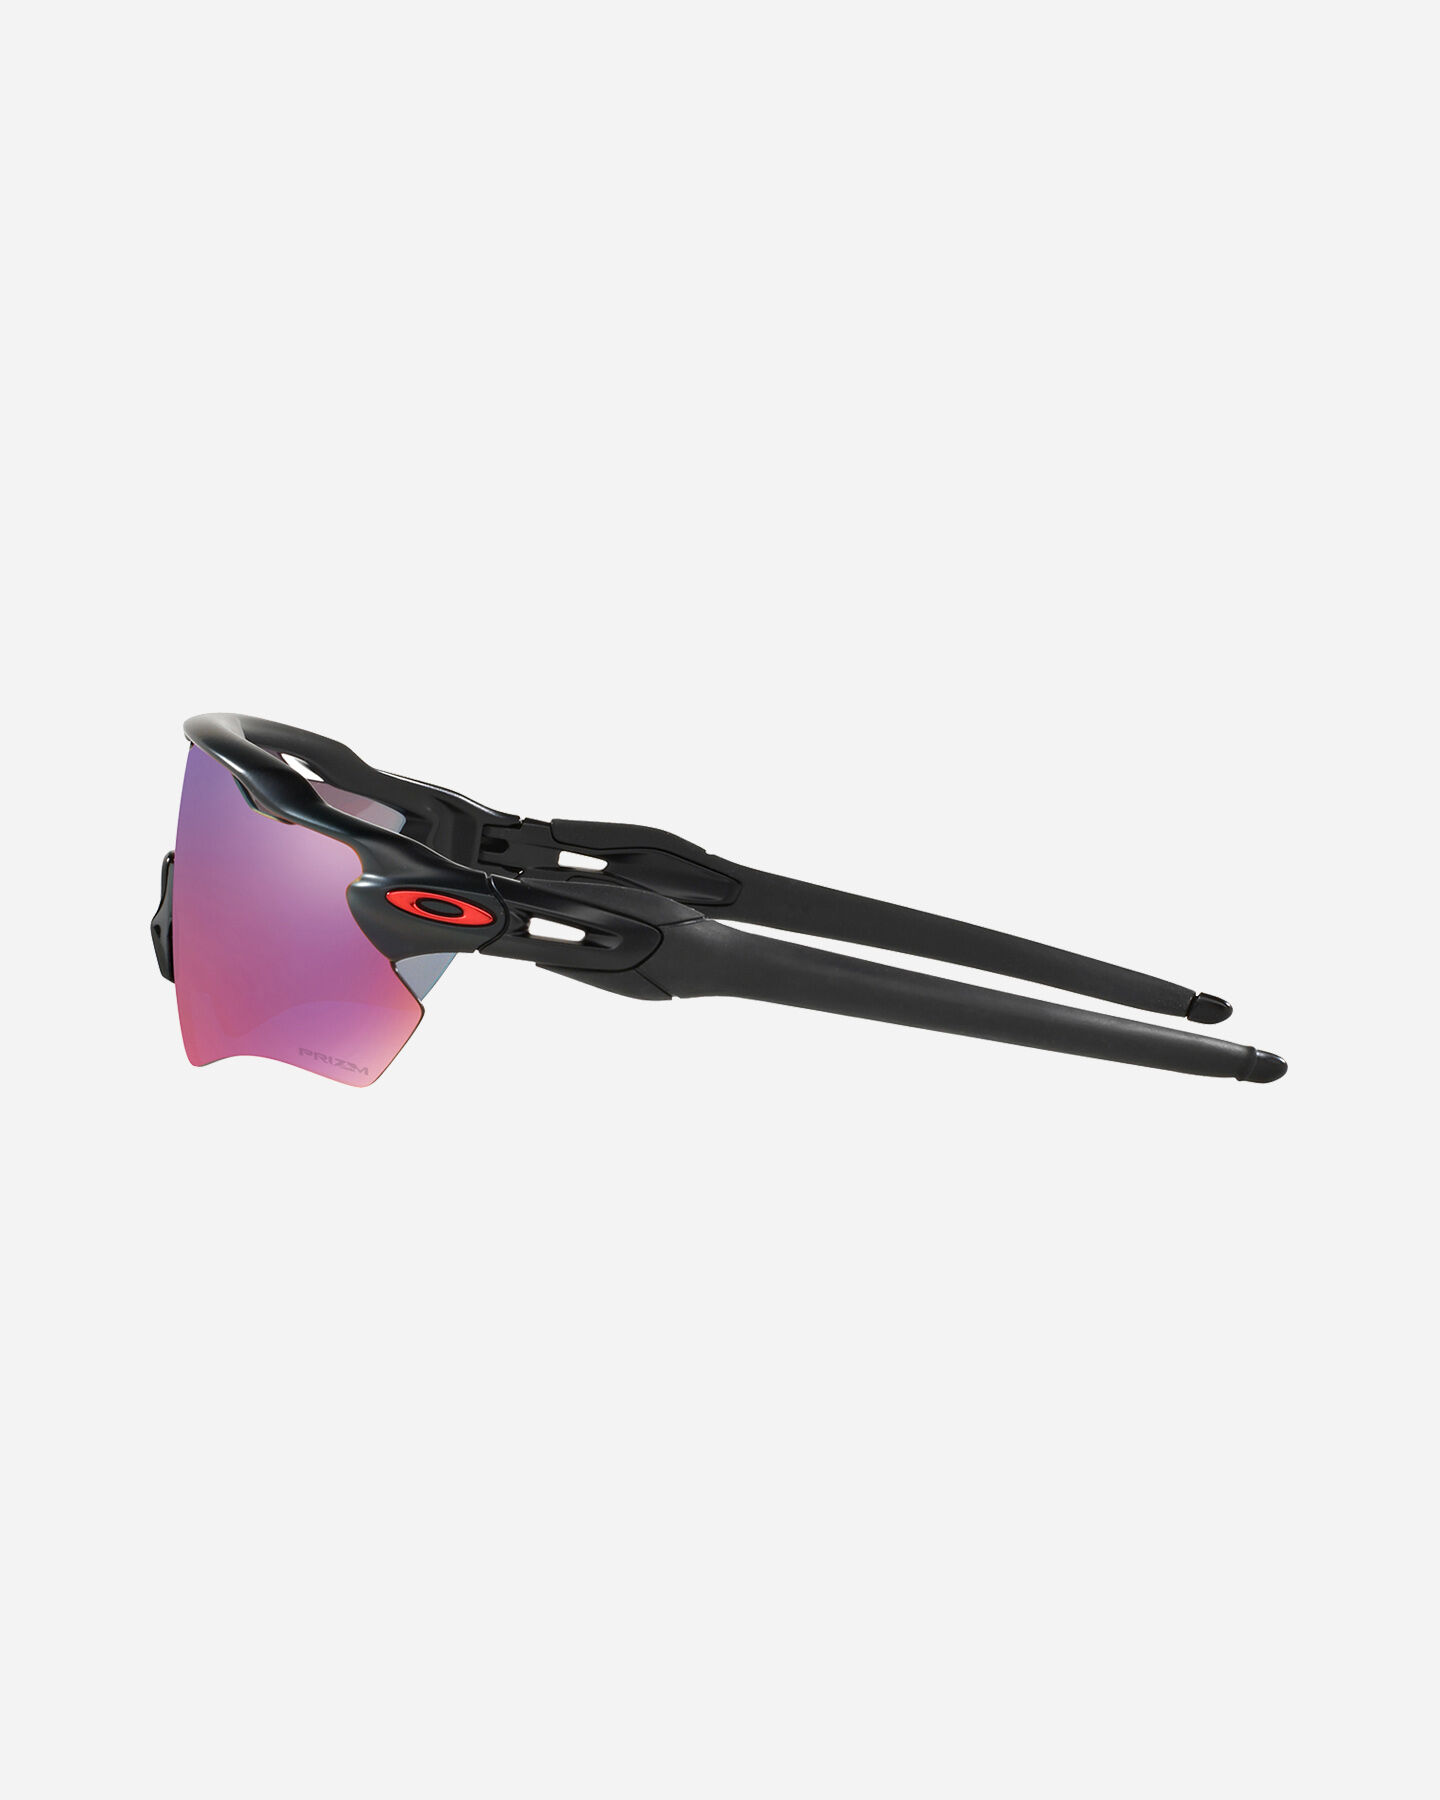 Occhiali OAKLEY RADAR EV PATH PRIZM S4013222 1 UNI scatto 5